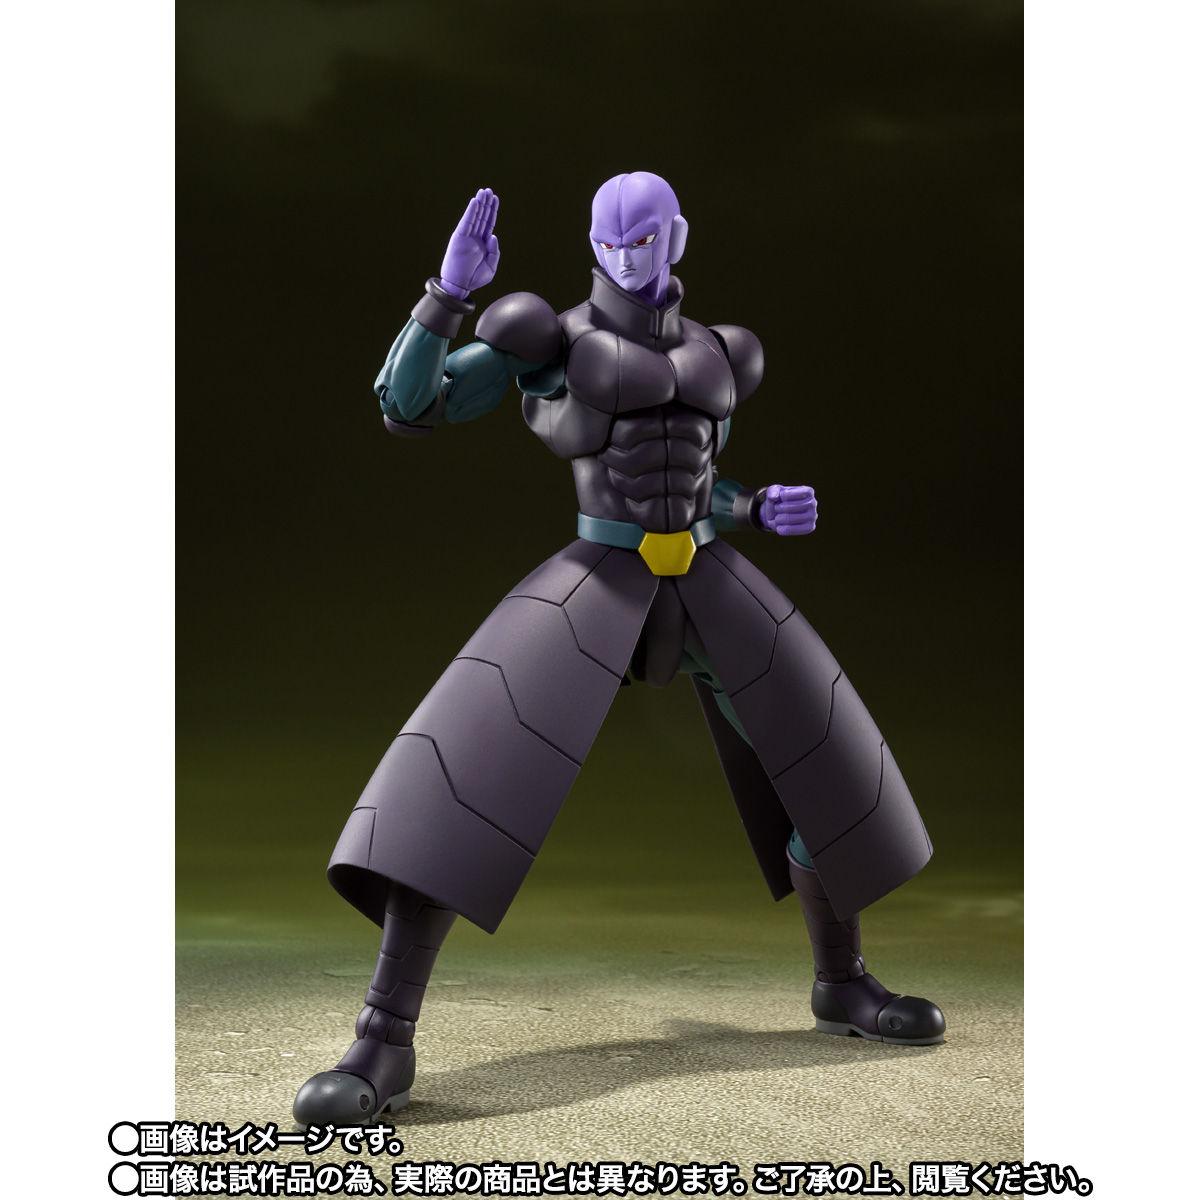 【限定販売】S.H.Figuarts『ヒット』ドラゴンボール超 可動フィギュア-004